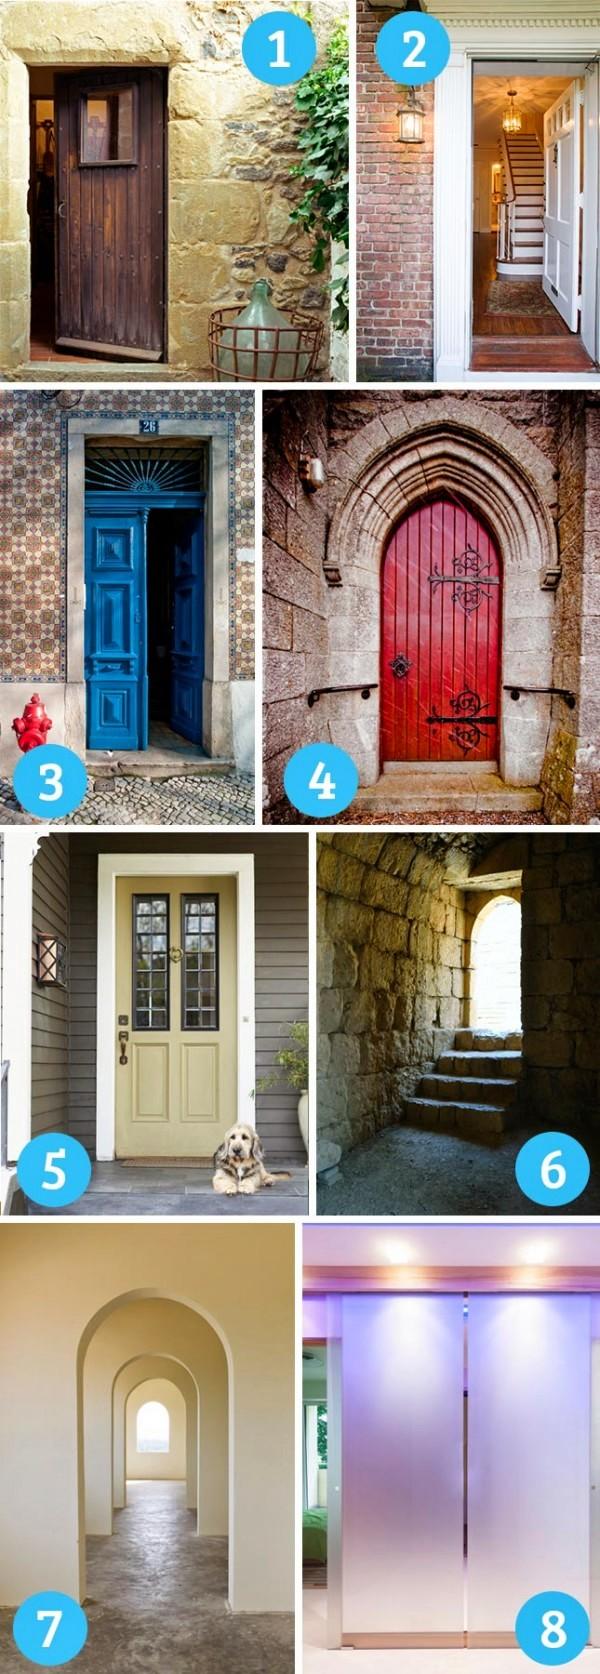 doors-600x1674-1 & Which door would you walk through? - Woman\u0027s own